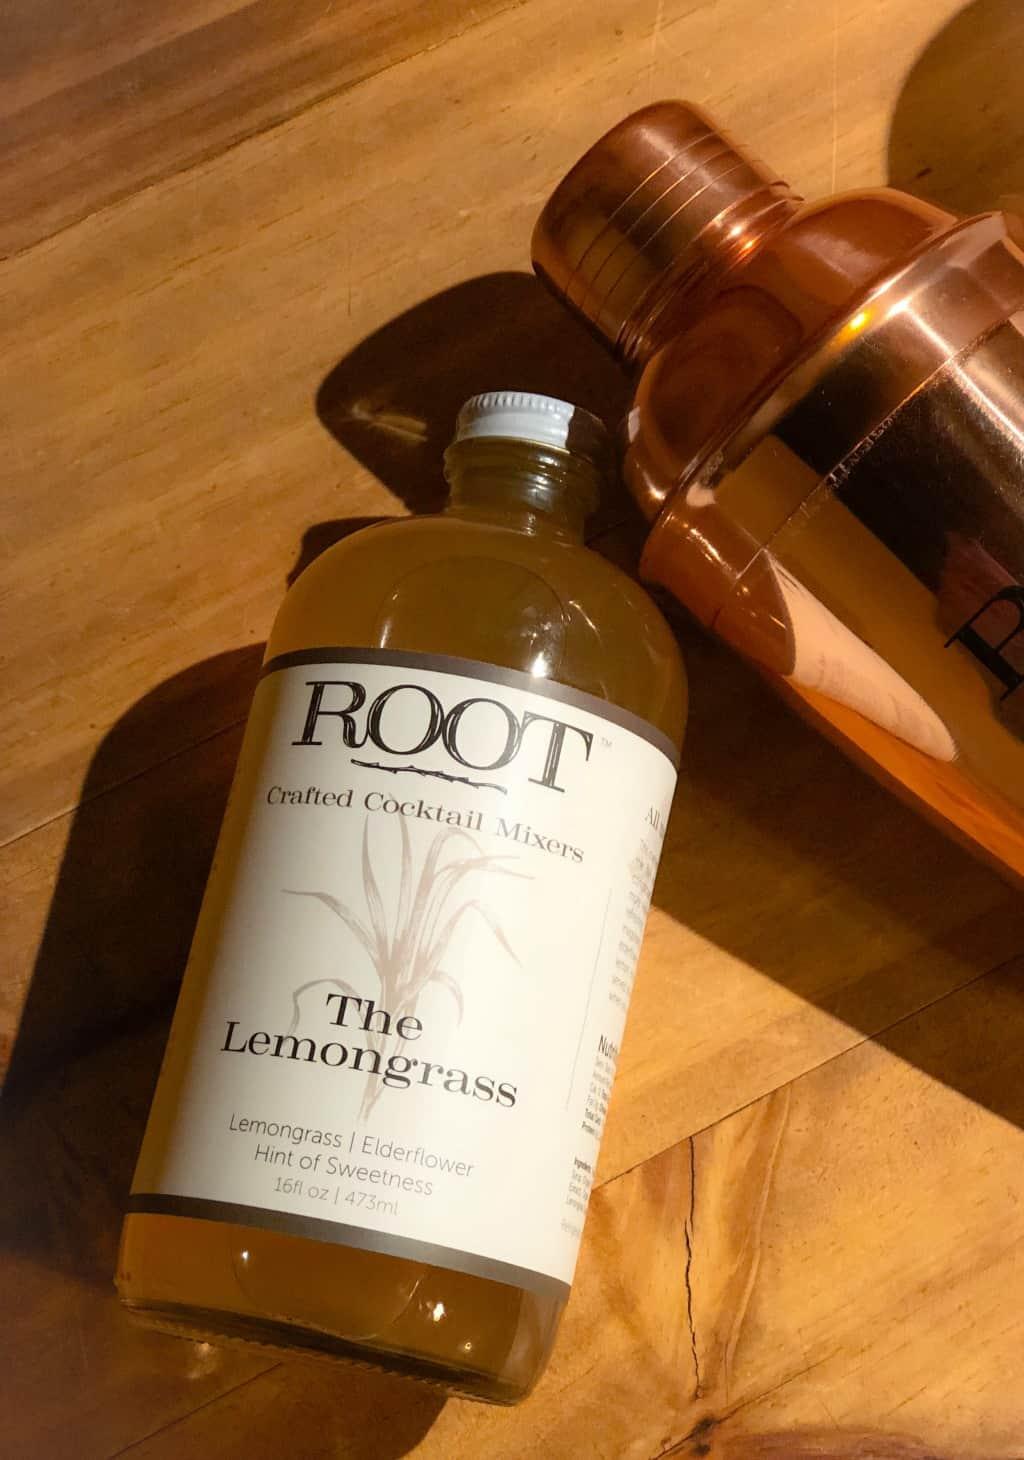 lemongrass cocktail mixer in a bottle